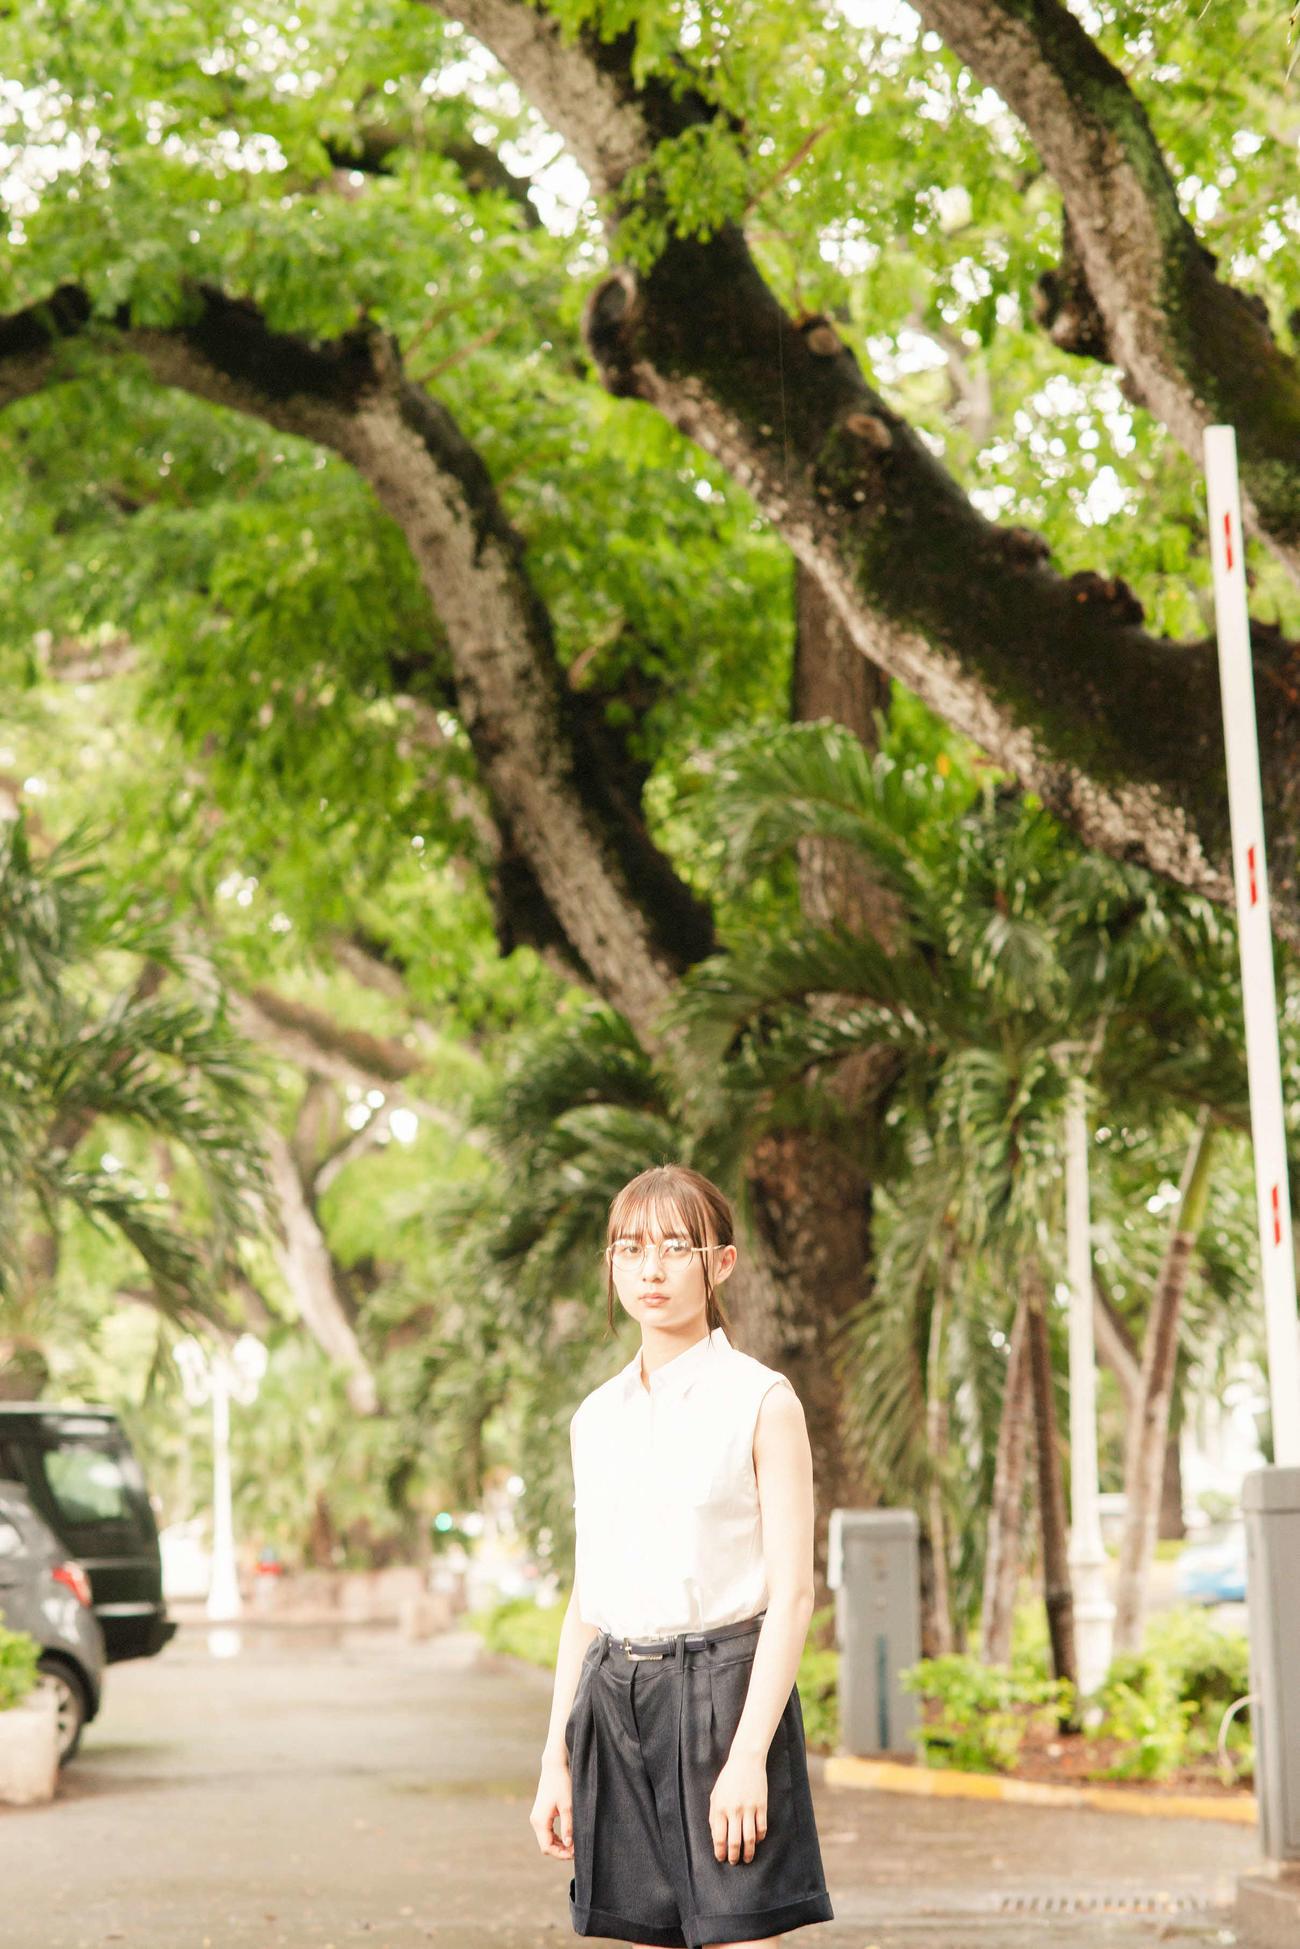 鈴木絢音ファースト写真集の先行カット。タヒチの街角で撮影した